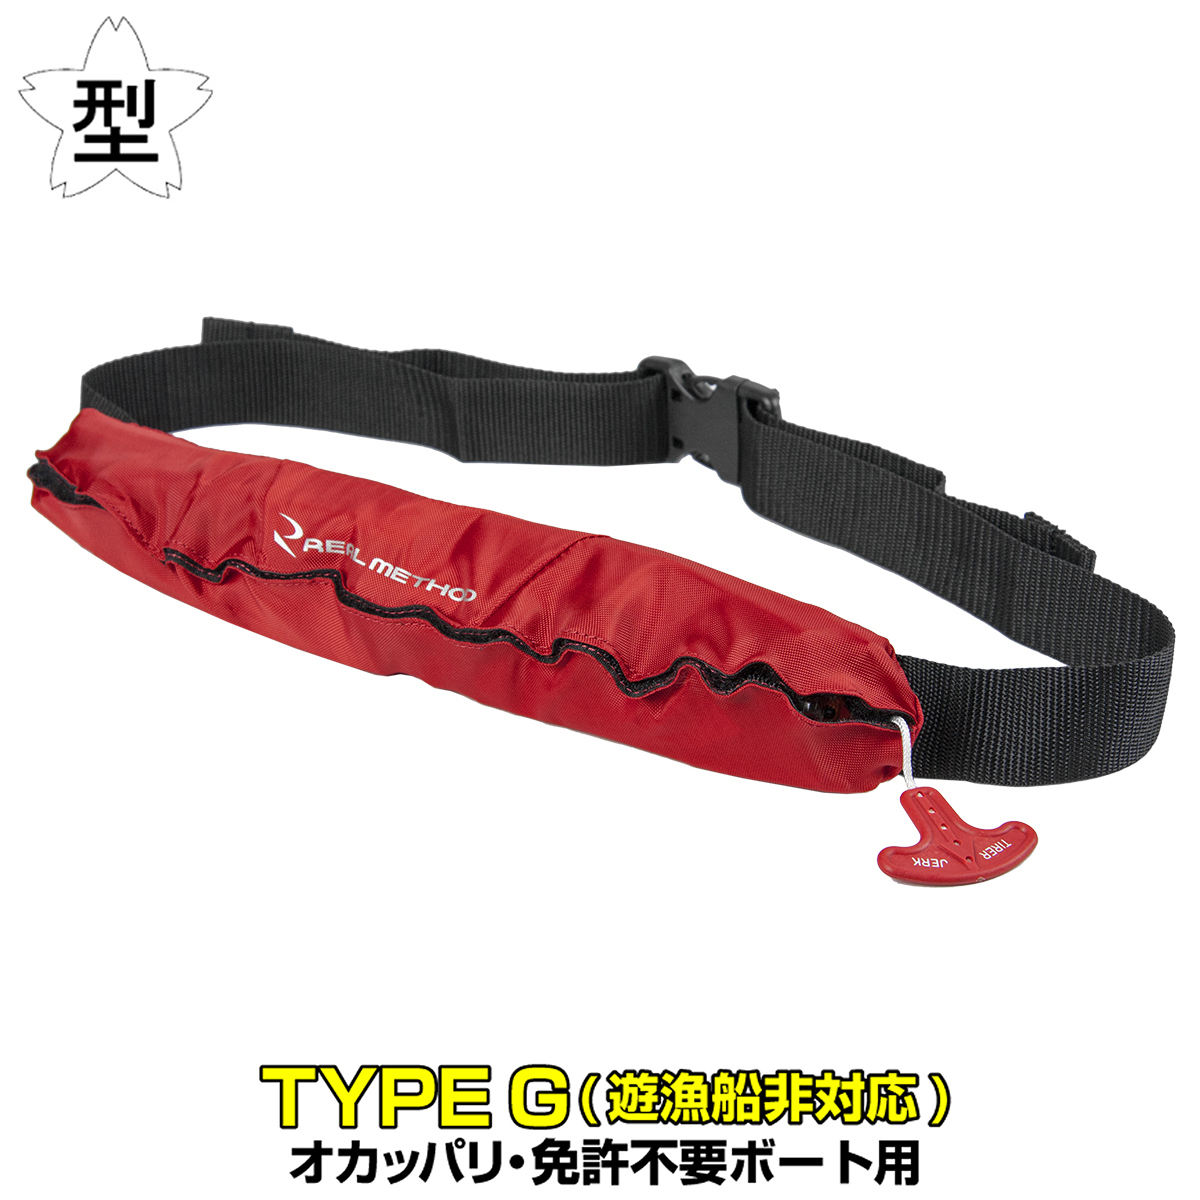 タカミヤ REALMETHOD 軽量自動膨張式ライフジャケット ウエストベルトタイプ RM-9220 レッド ※遊漁船非対応(東日本店)